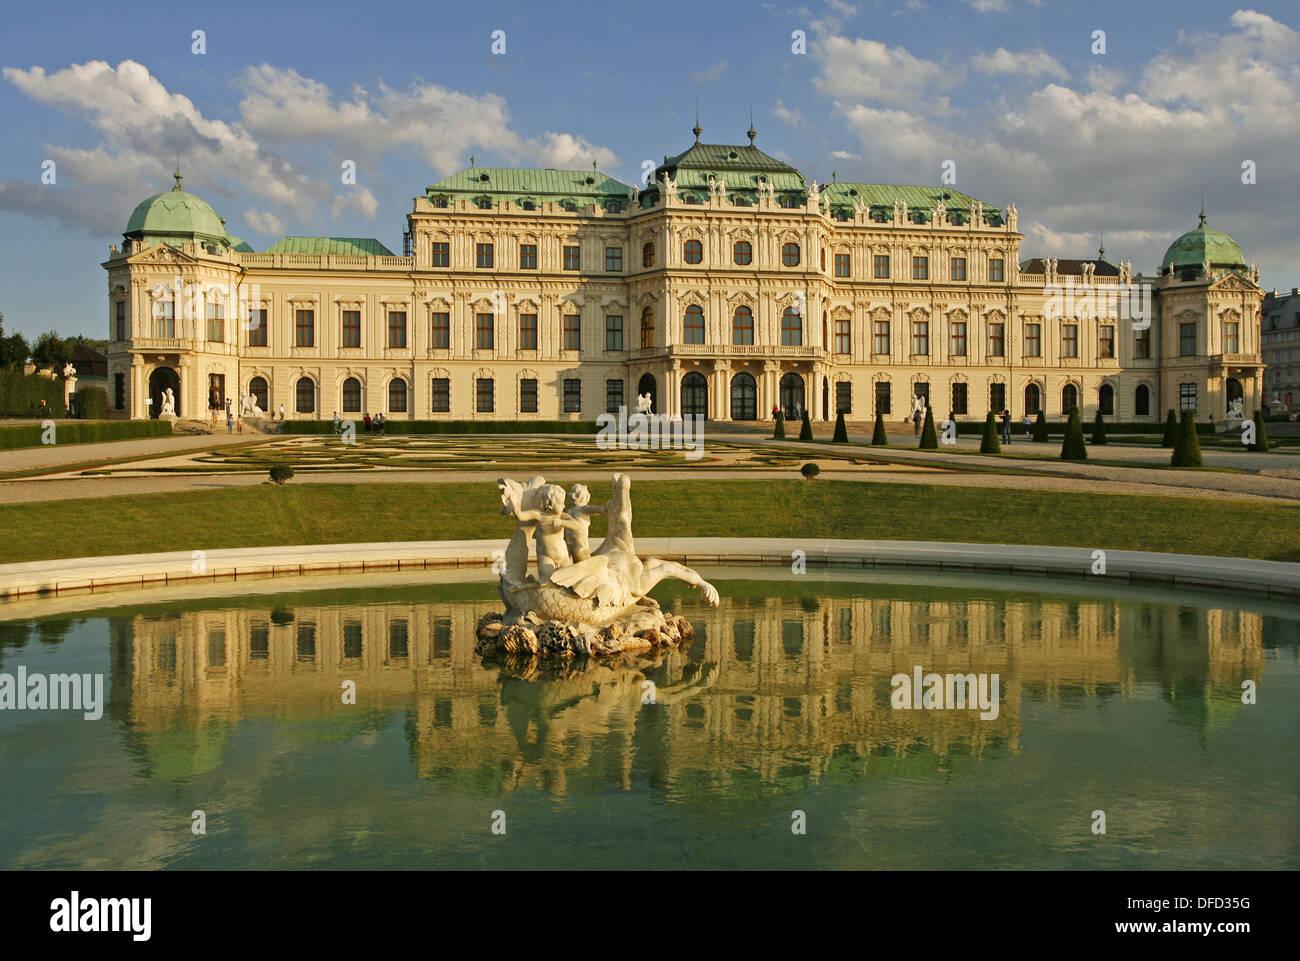 Oberes Belvedere, Wien, Österreich Stockfoto